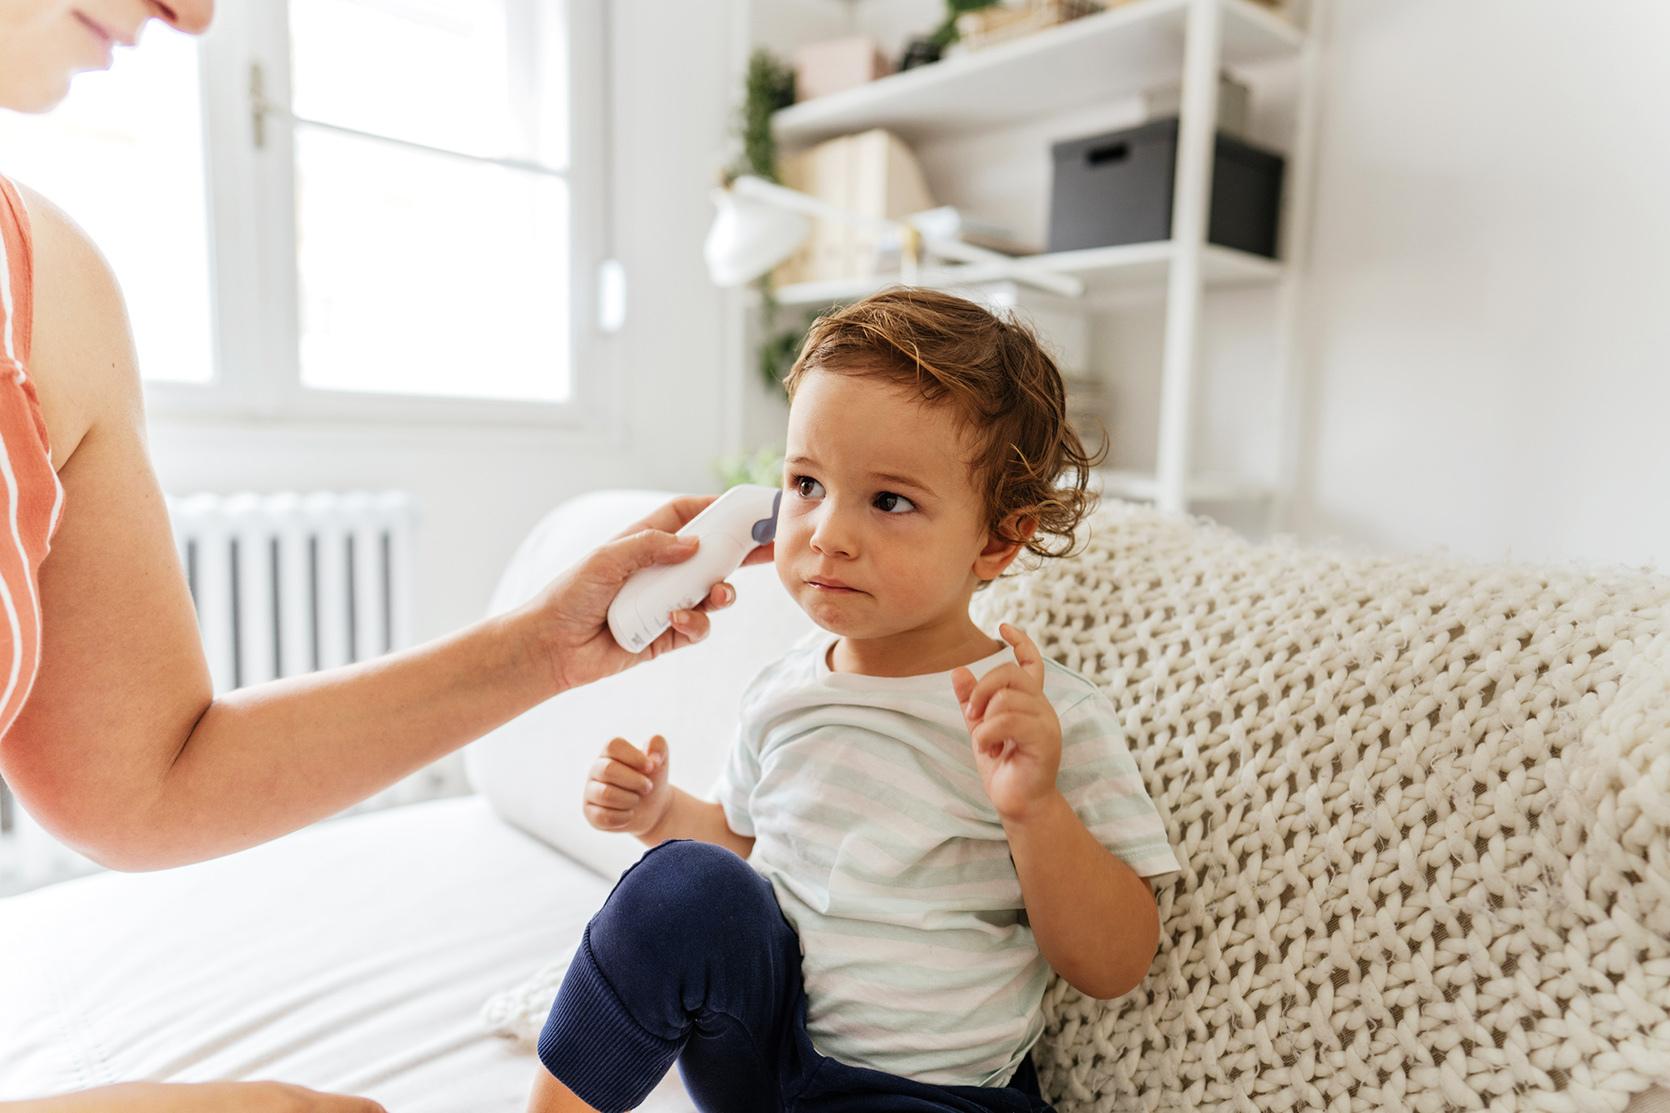 Gorączka u dzieci:  Jak dawkować leki przeciwgorączkowe?